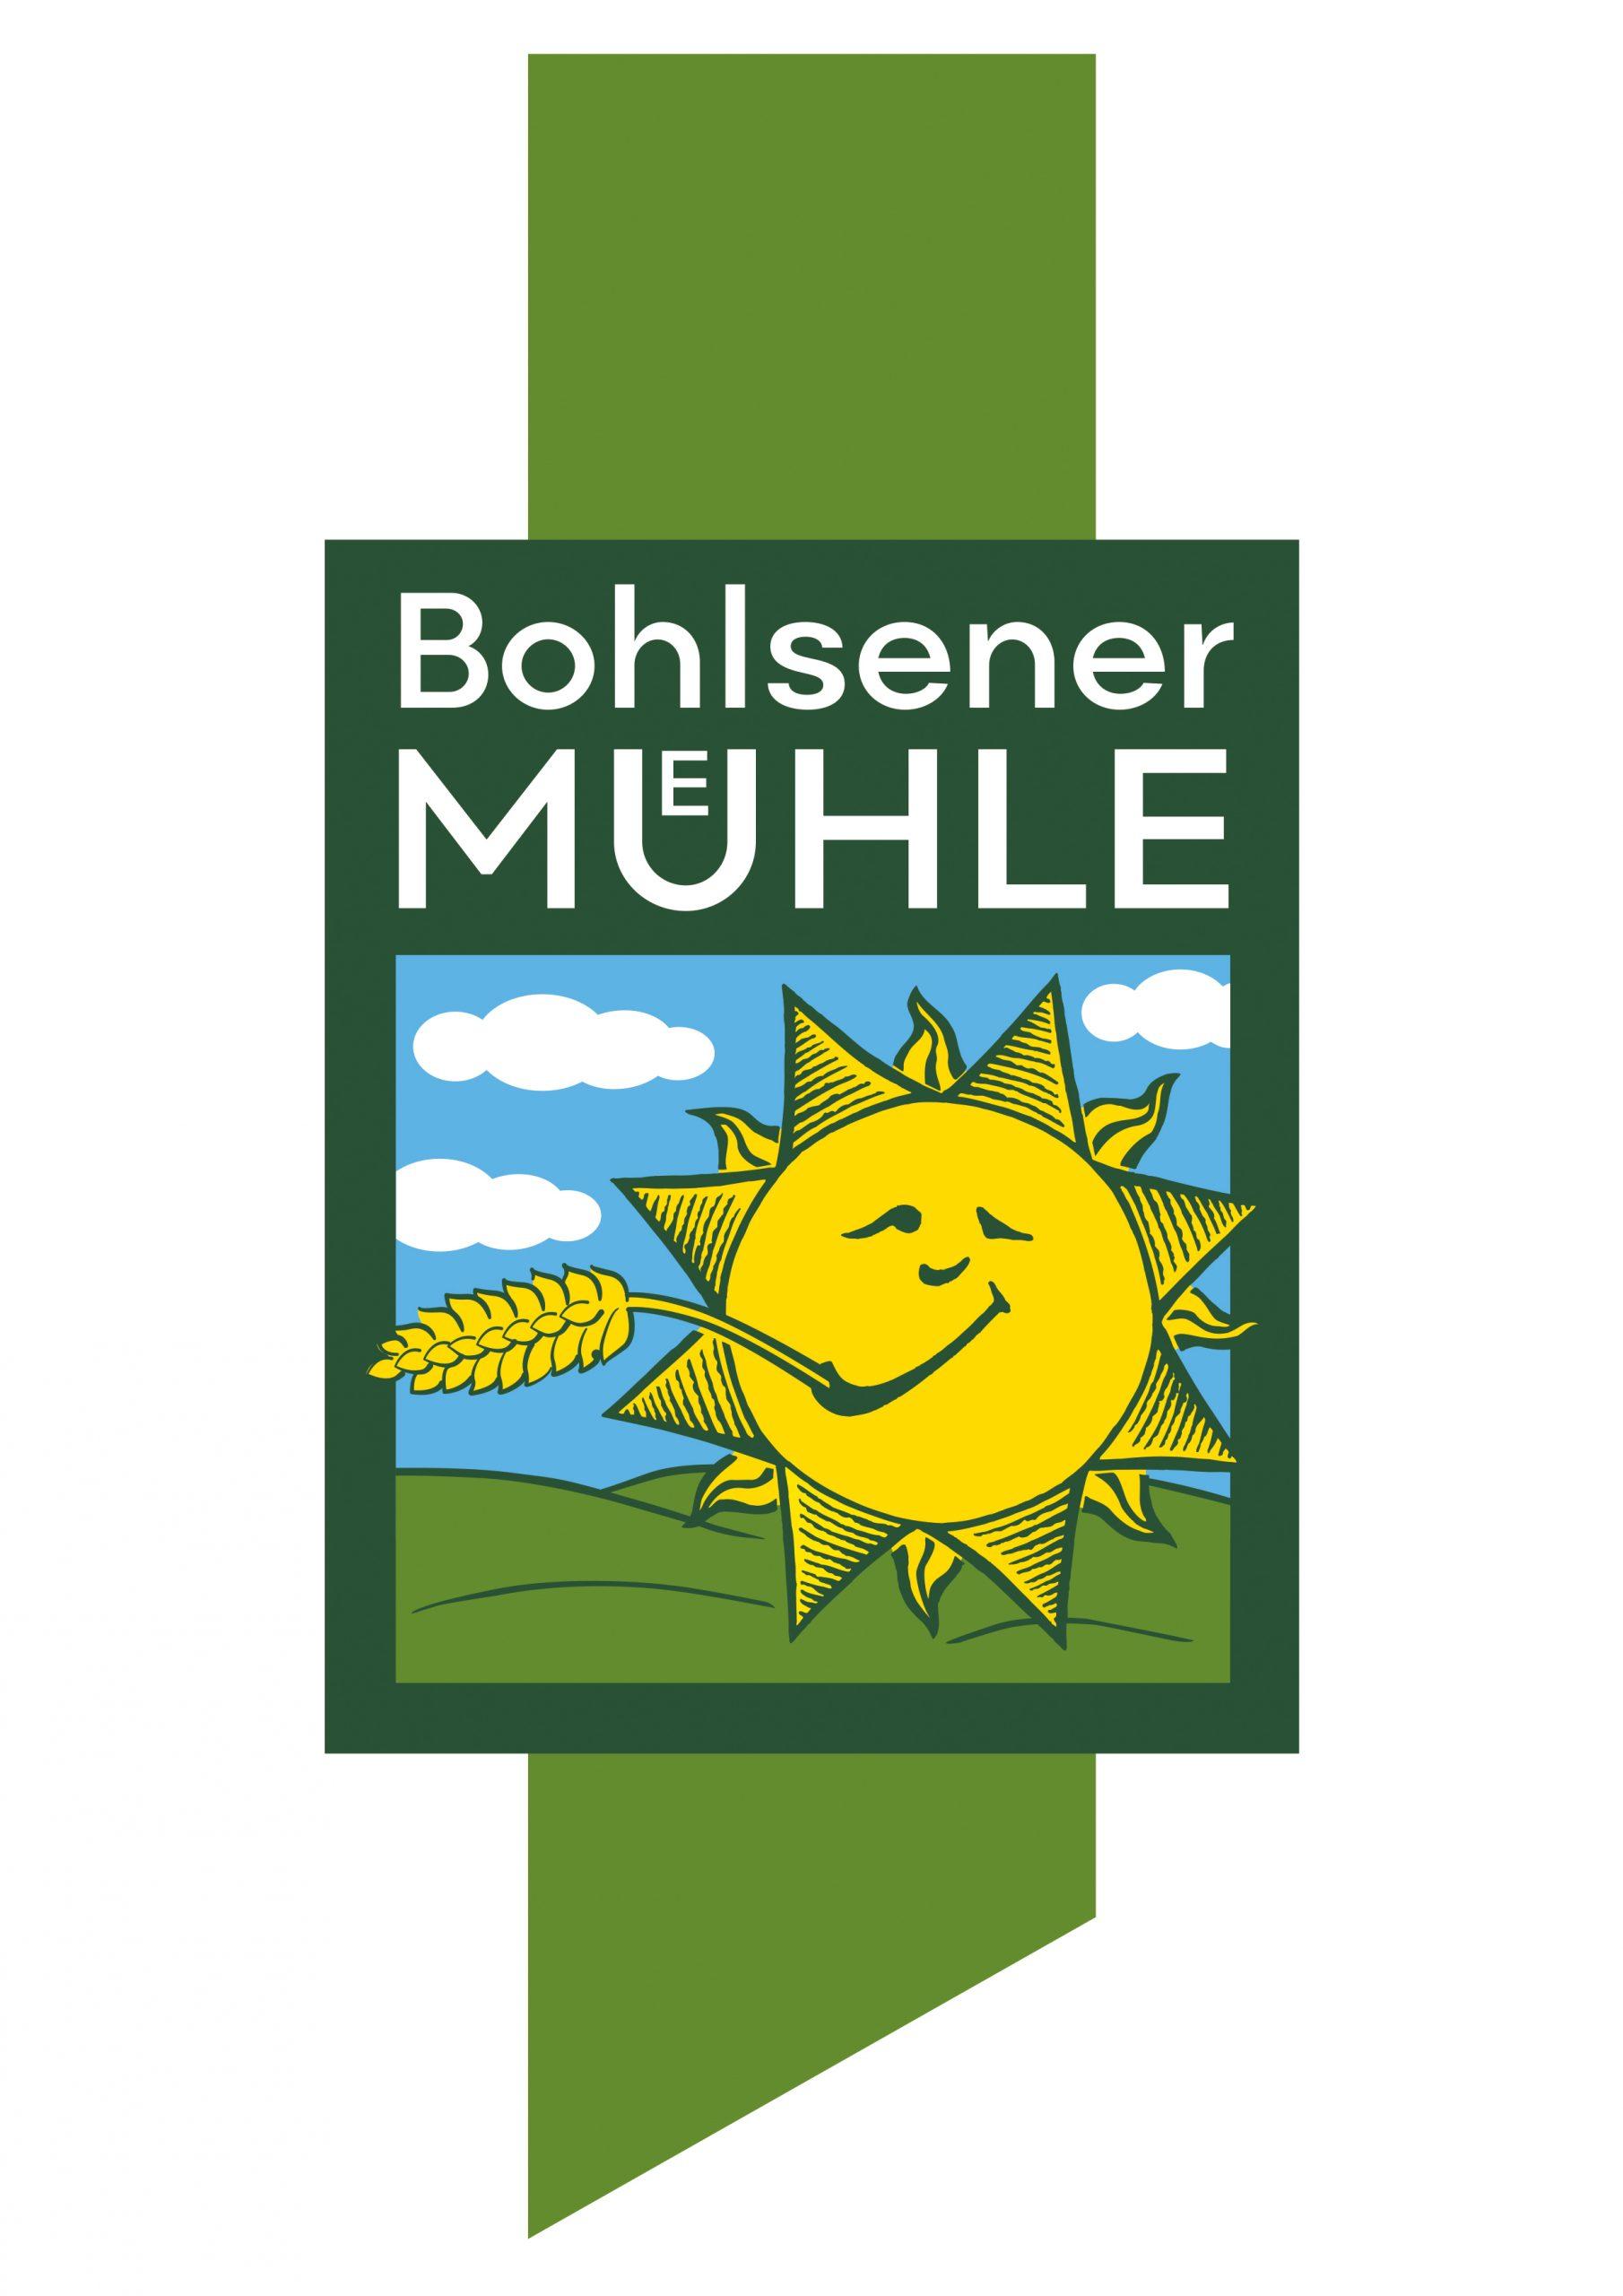 Bohlsener Mühle Logo